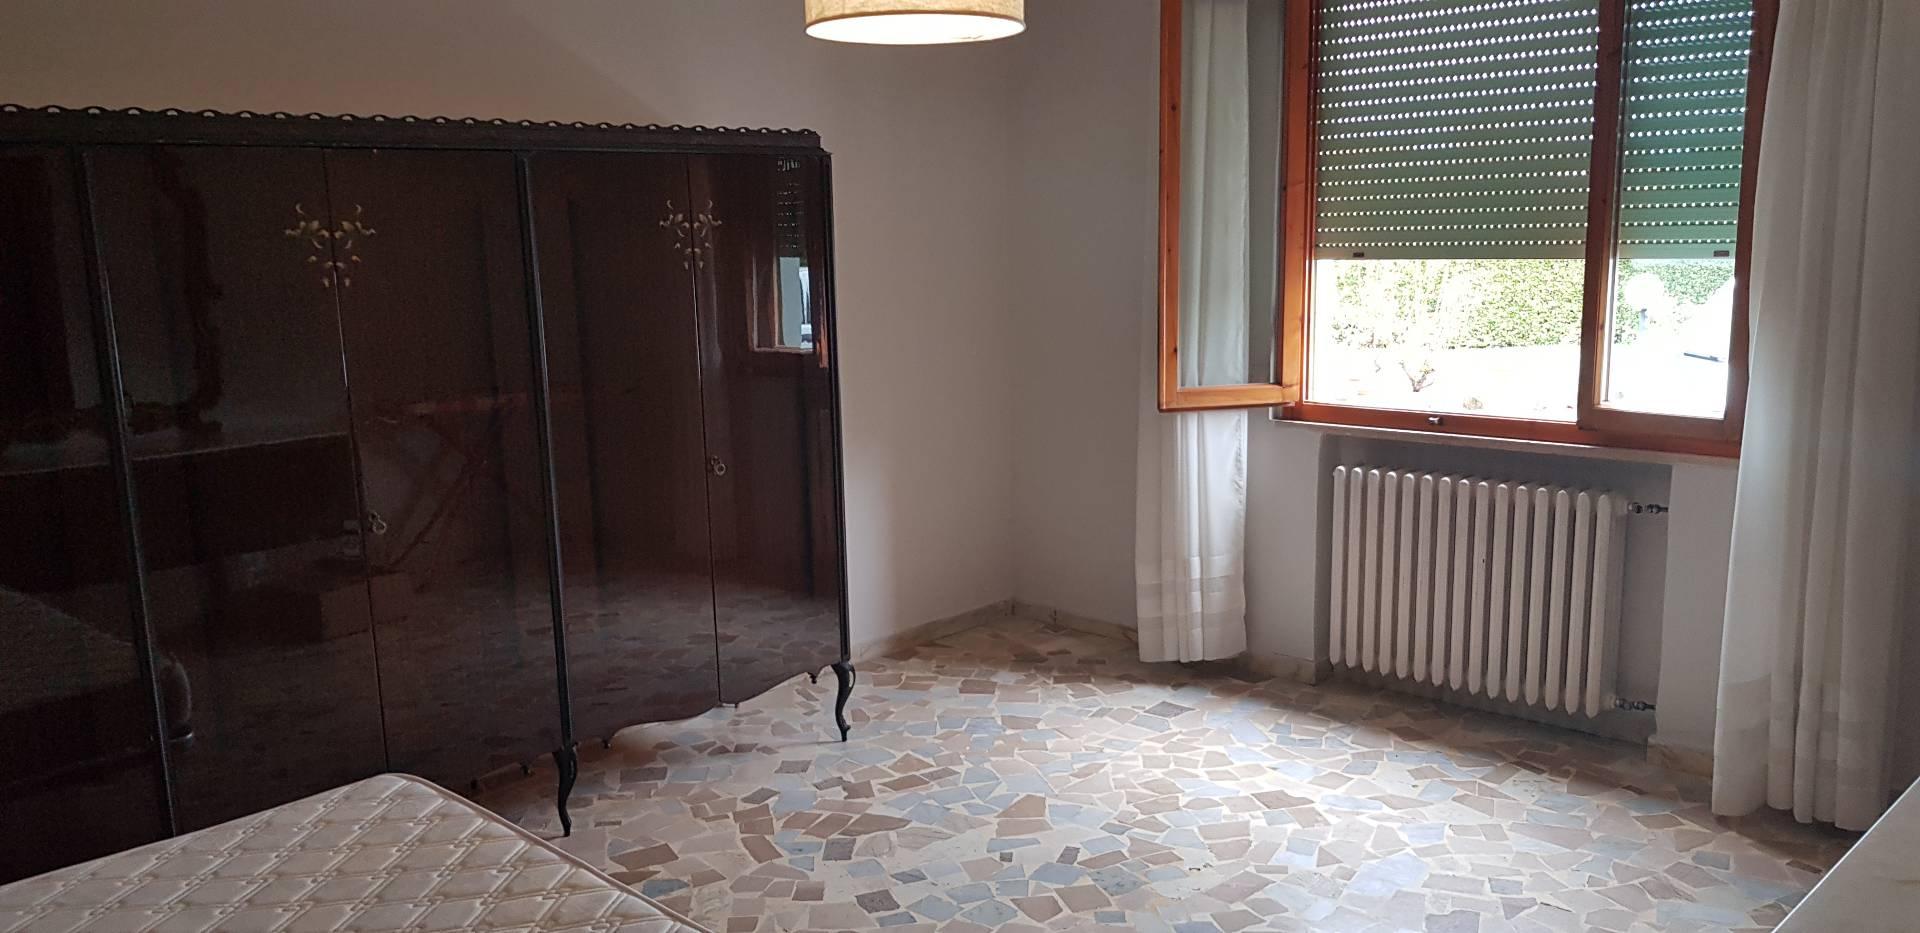 Appartamento in affitto a Pozzale, Empoli